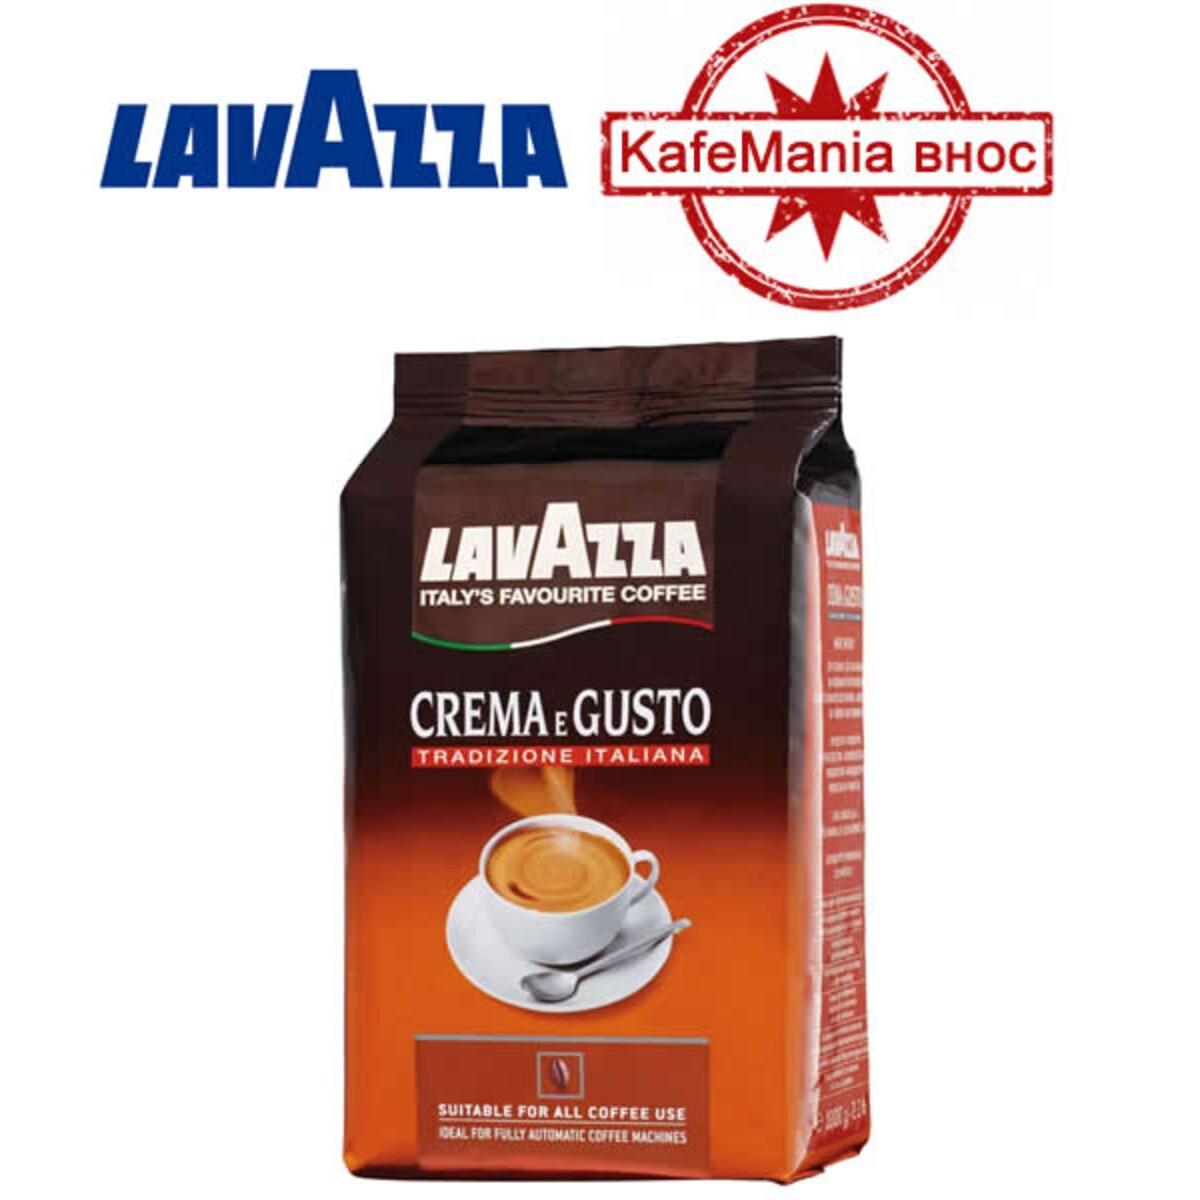 Lavazza Crema e Gusto кафе на зърна 1кг